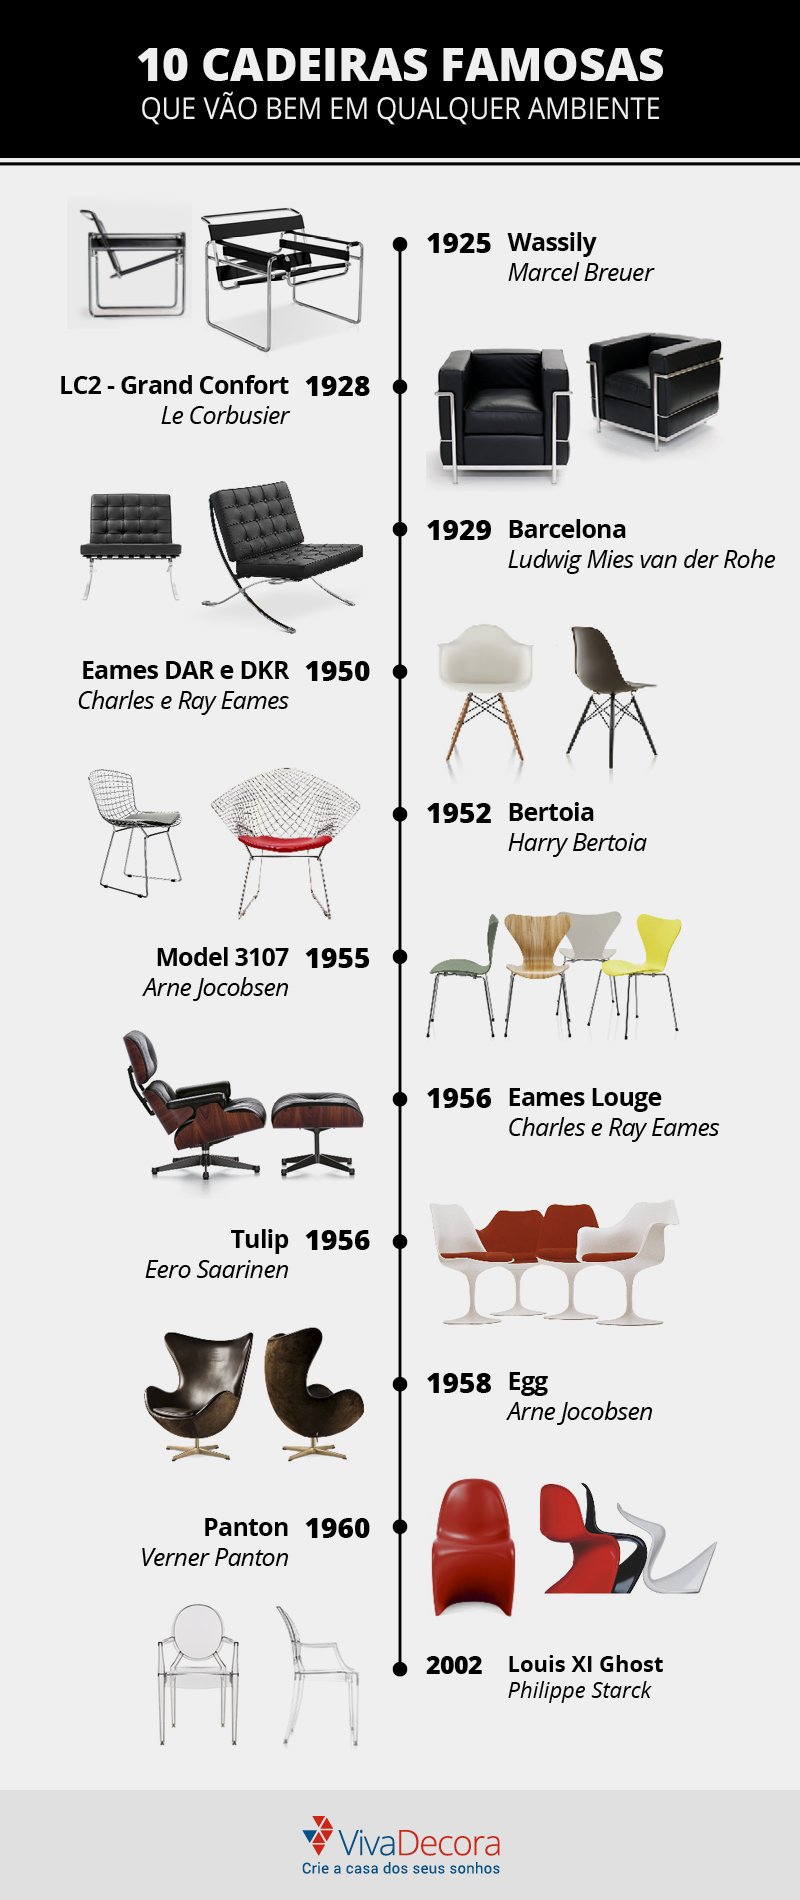 cadeiras de design famosas